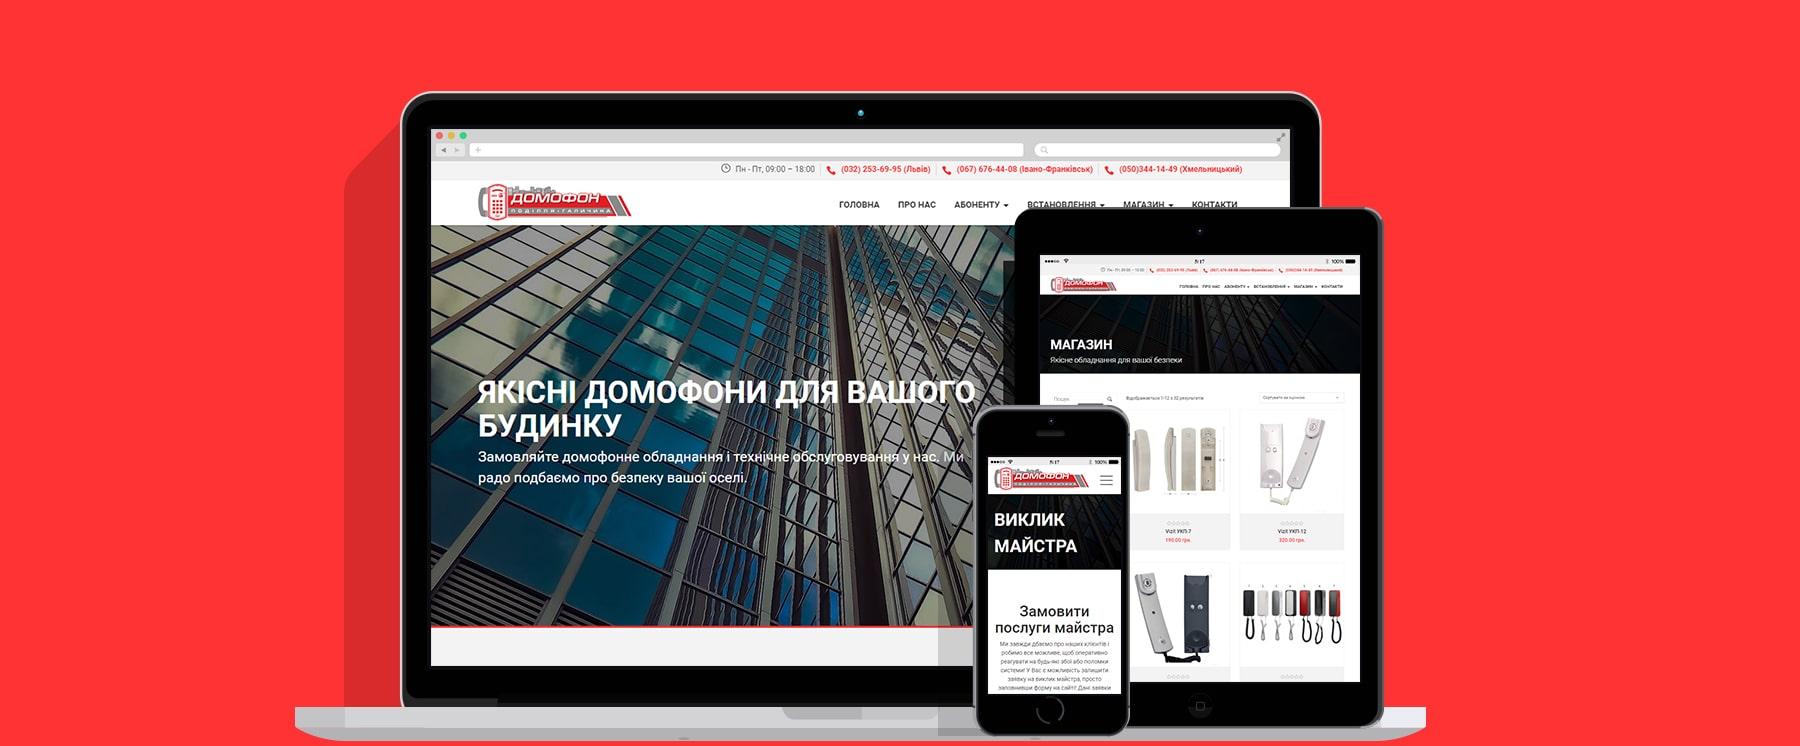 Створення корпоративного сайту домофонного сервісу